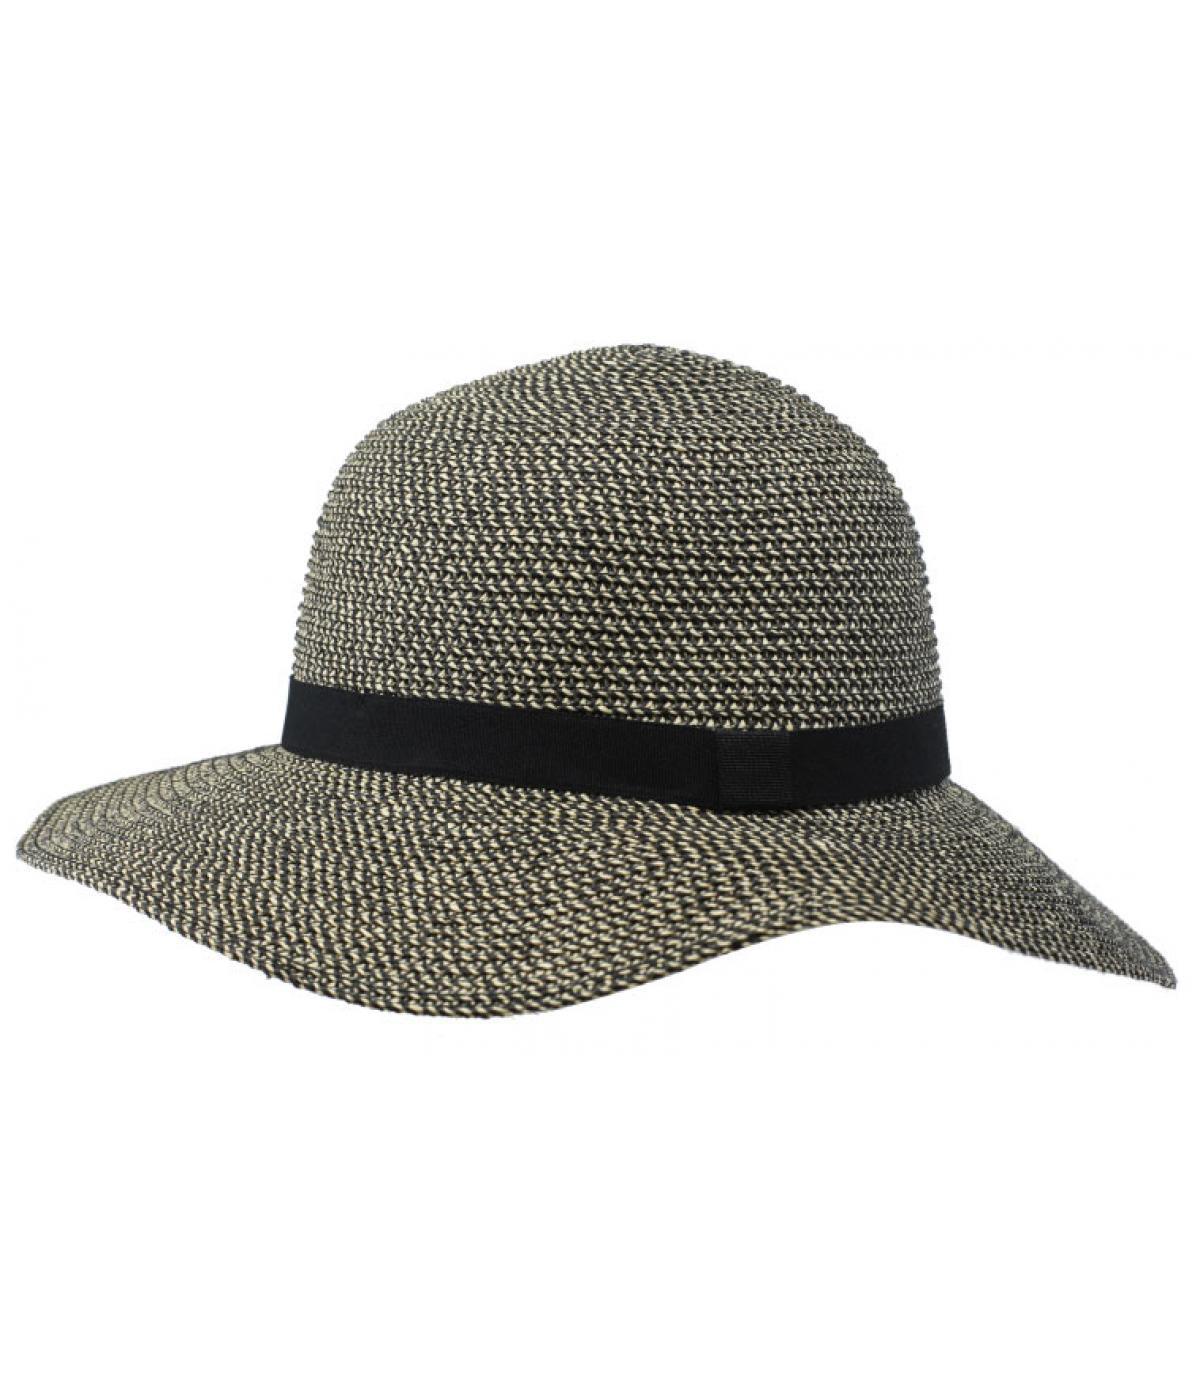 black straw wide brimmed hat